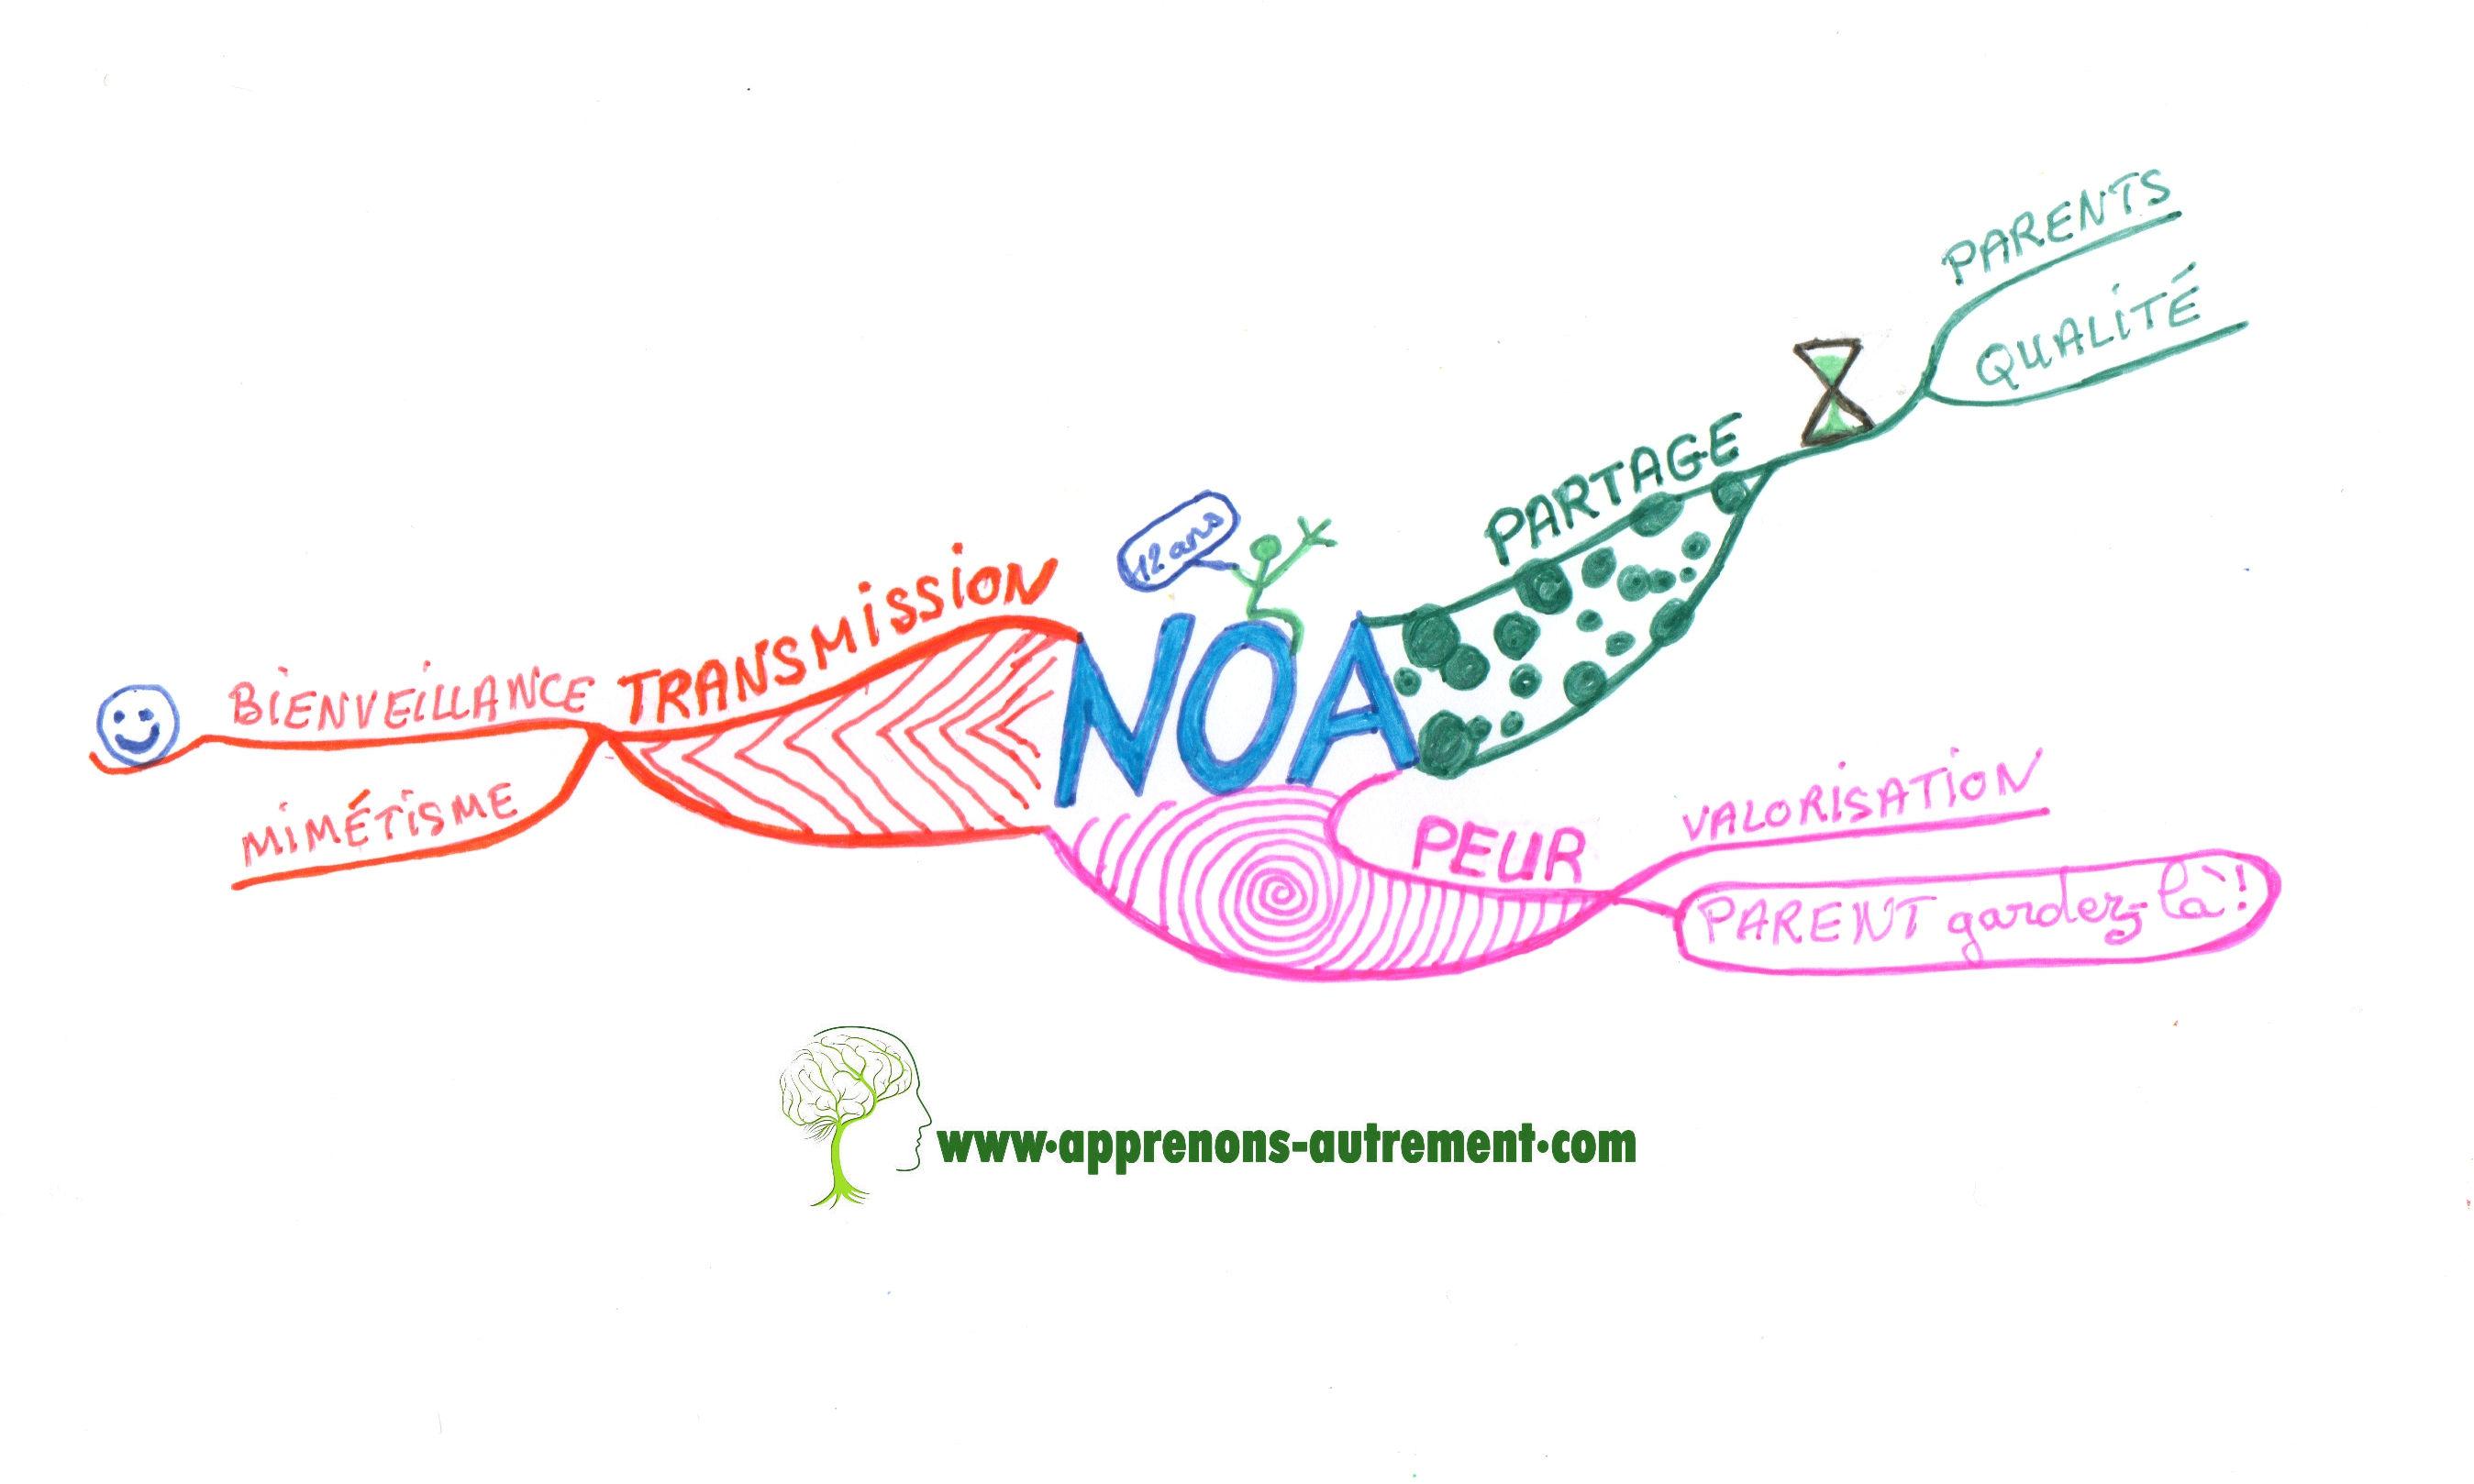 Voilà, j'espère avoir été fidèle aux messages que Noa voulait nous donner et merci pour ta conférence.